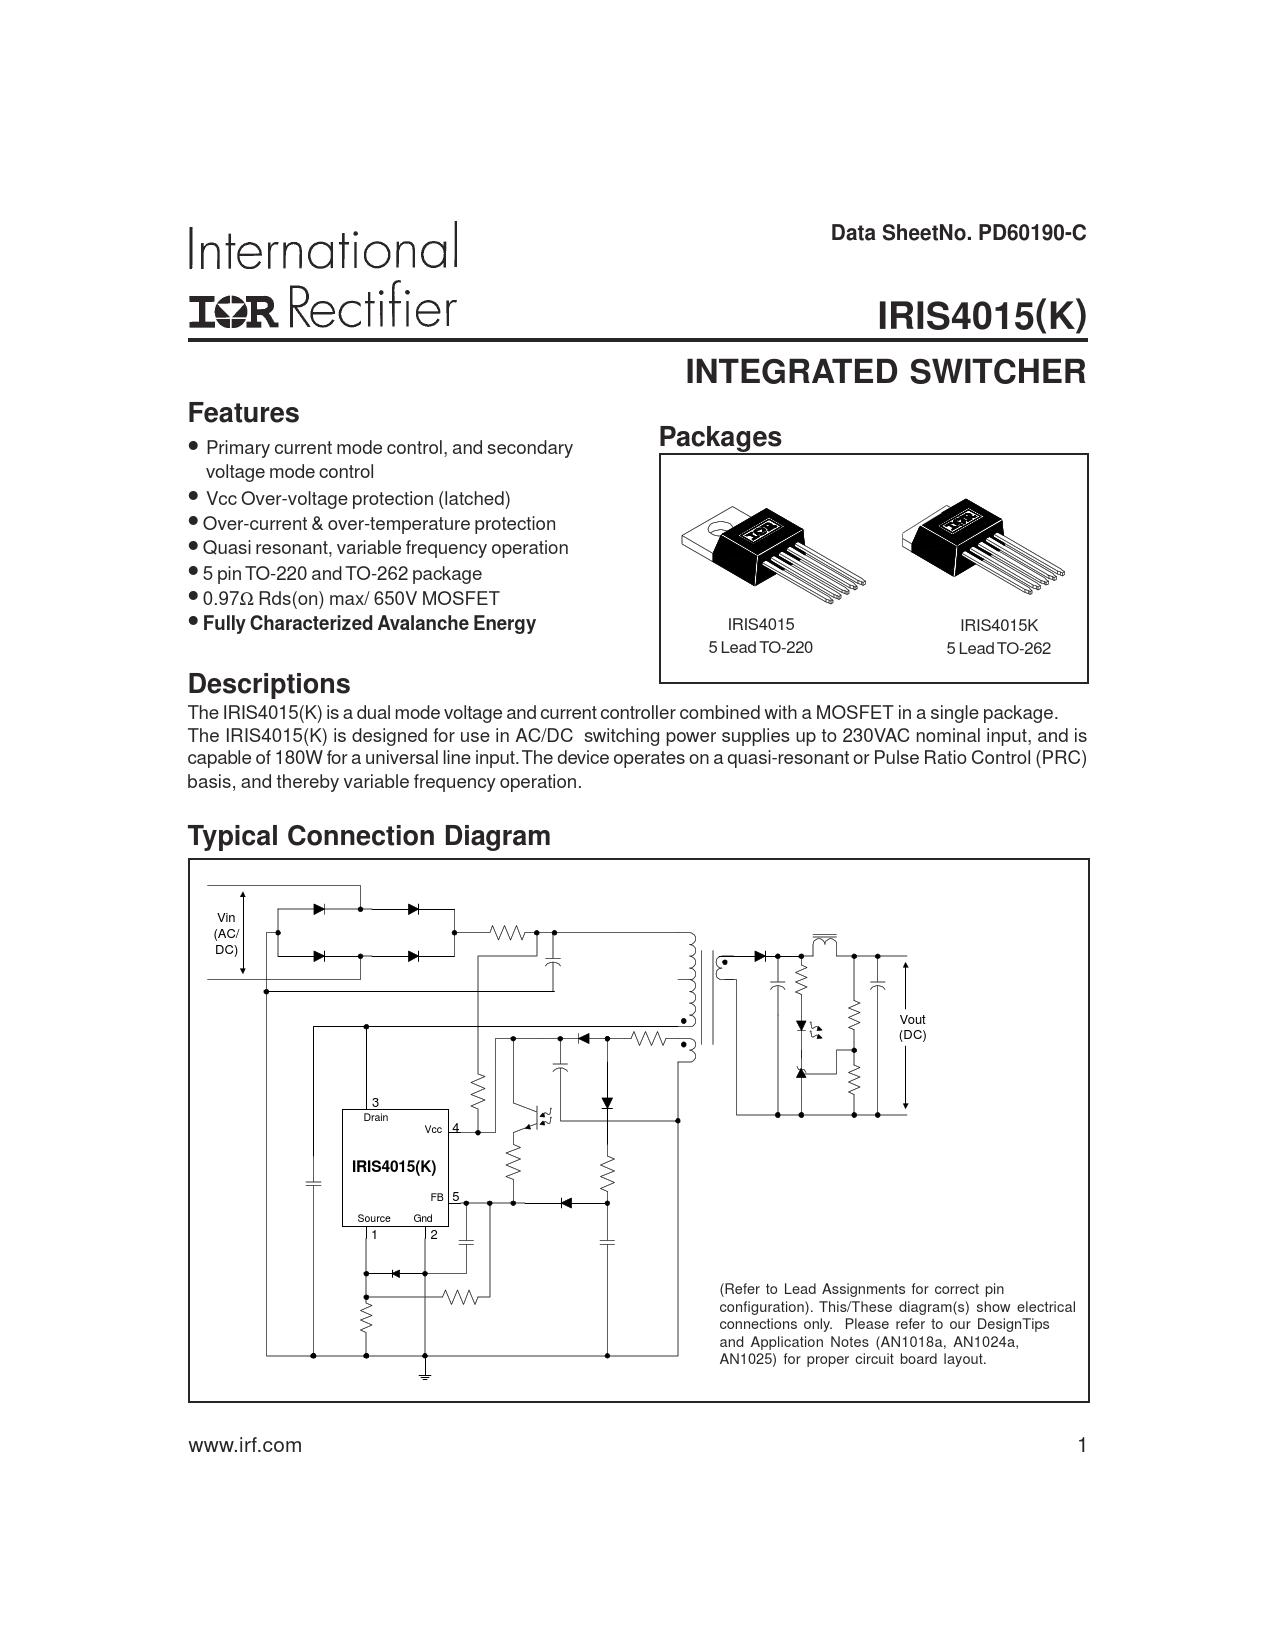 Datasheet IRIS4015 International Rectifier